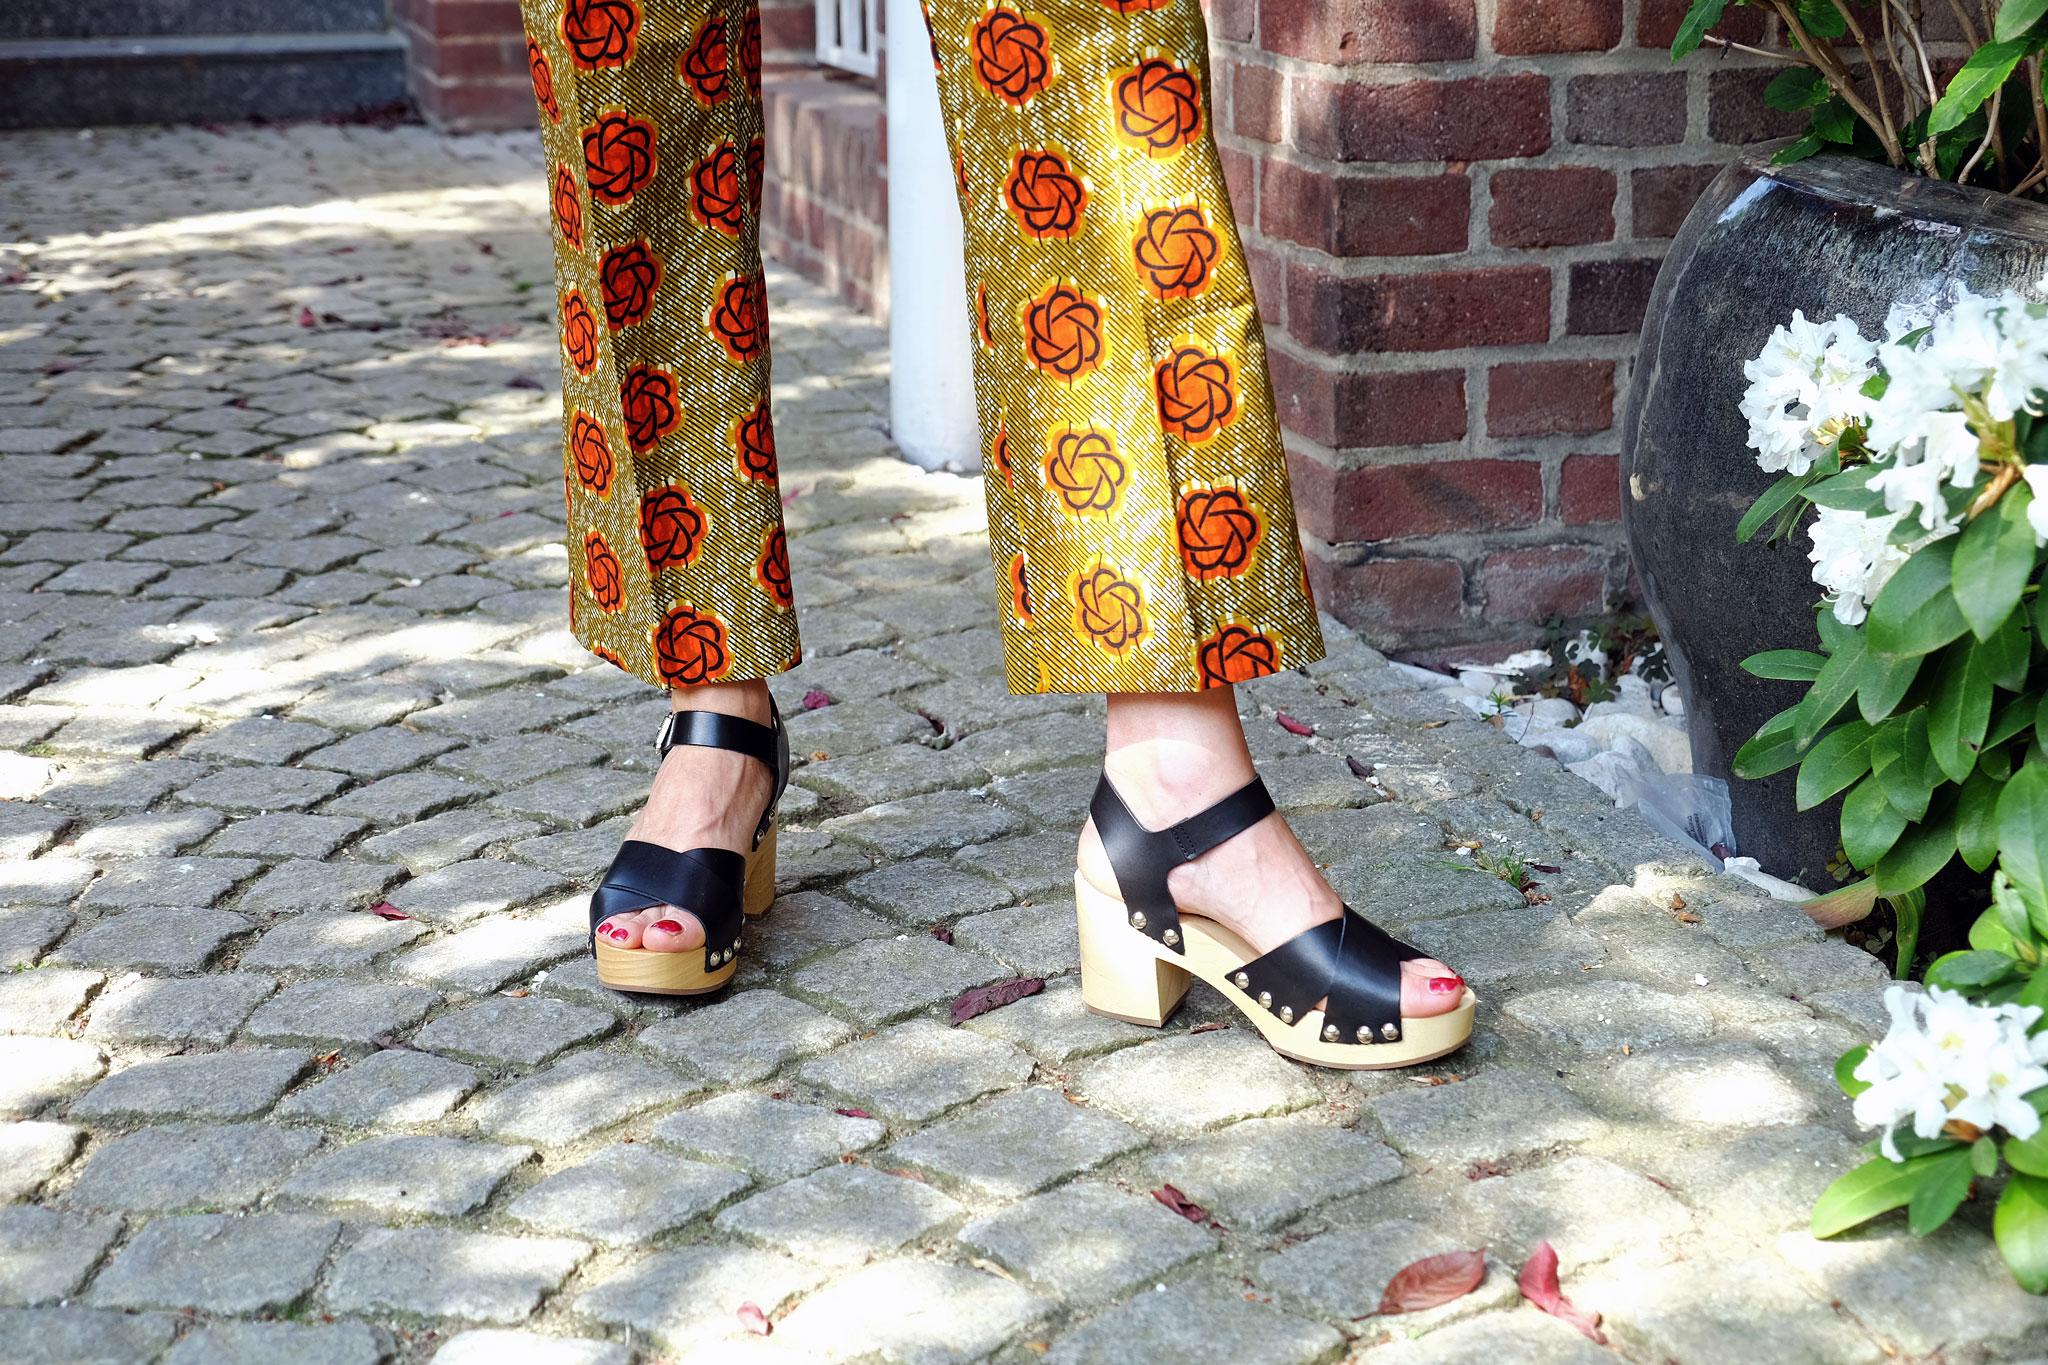 Blumenhose-Lieblingsstil,-Blumenhose-beige-orange,-Clogs,-Modeblog,-Fashionblog,-Fashion-Blog,-Lieblingsstil